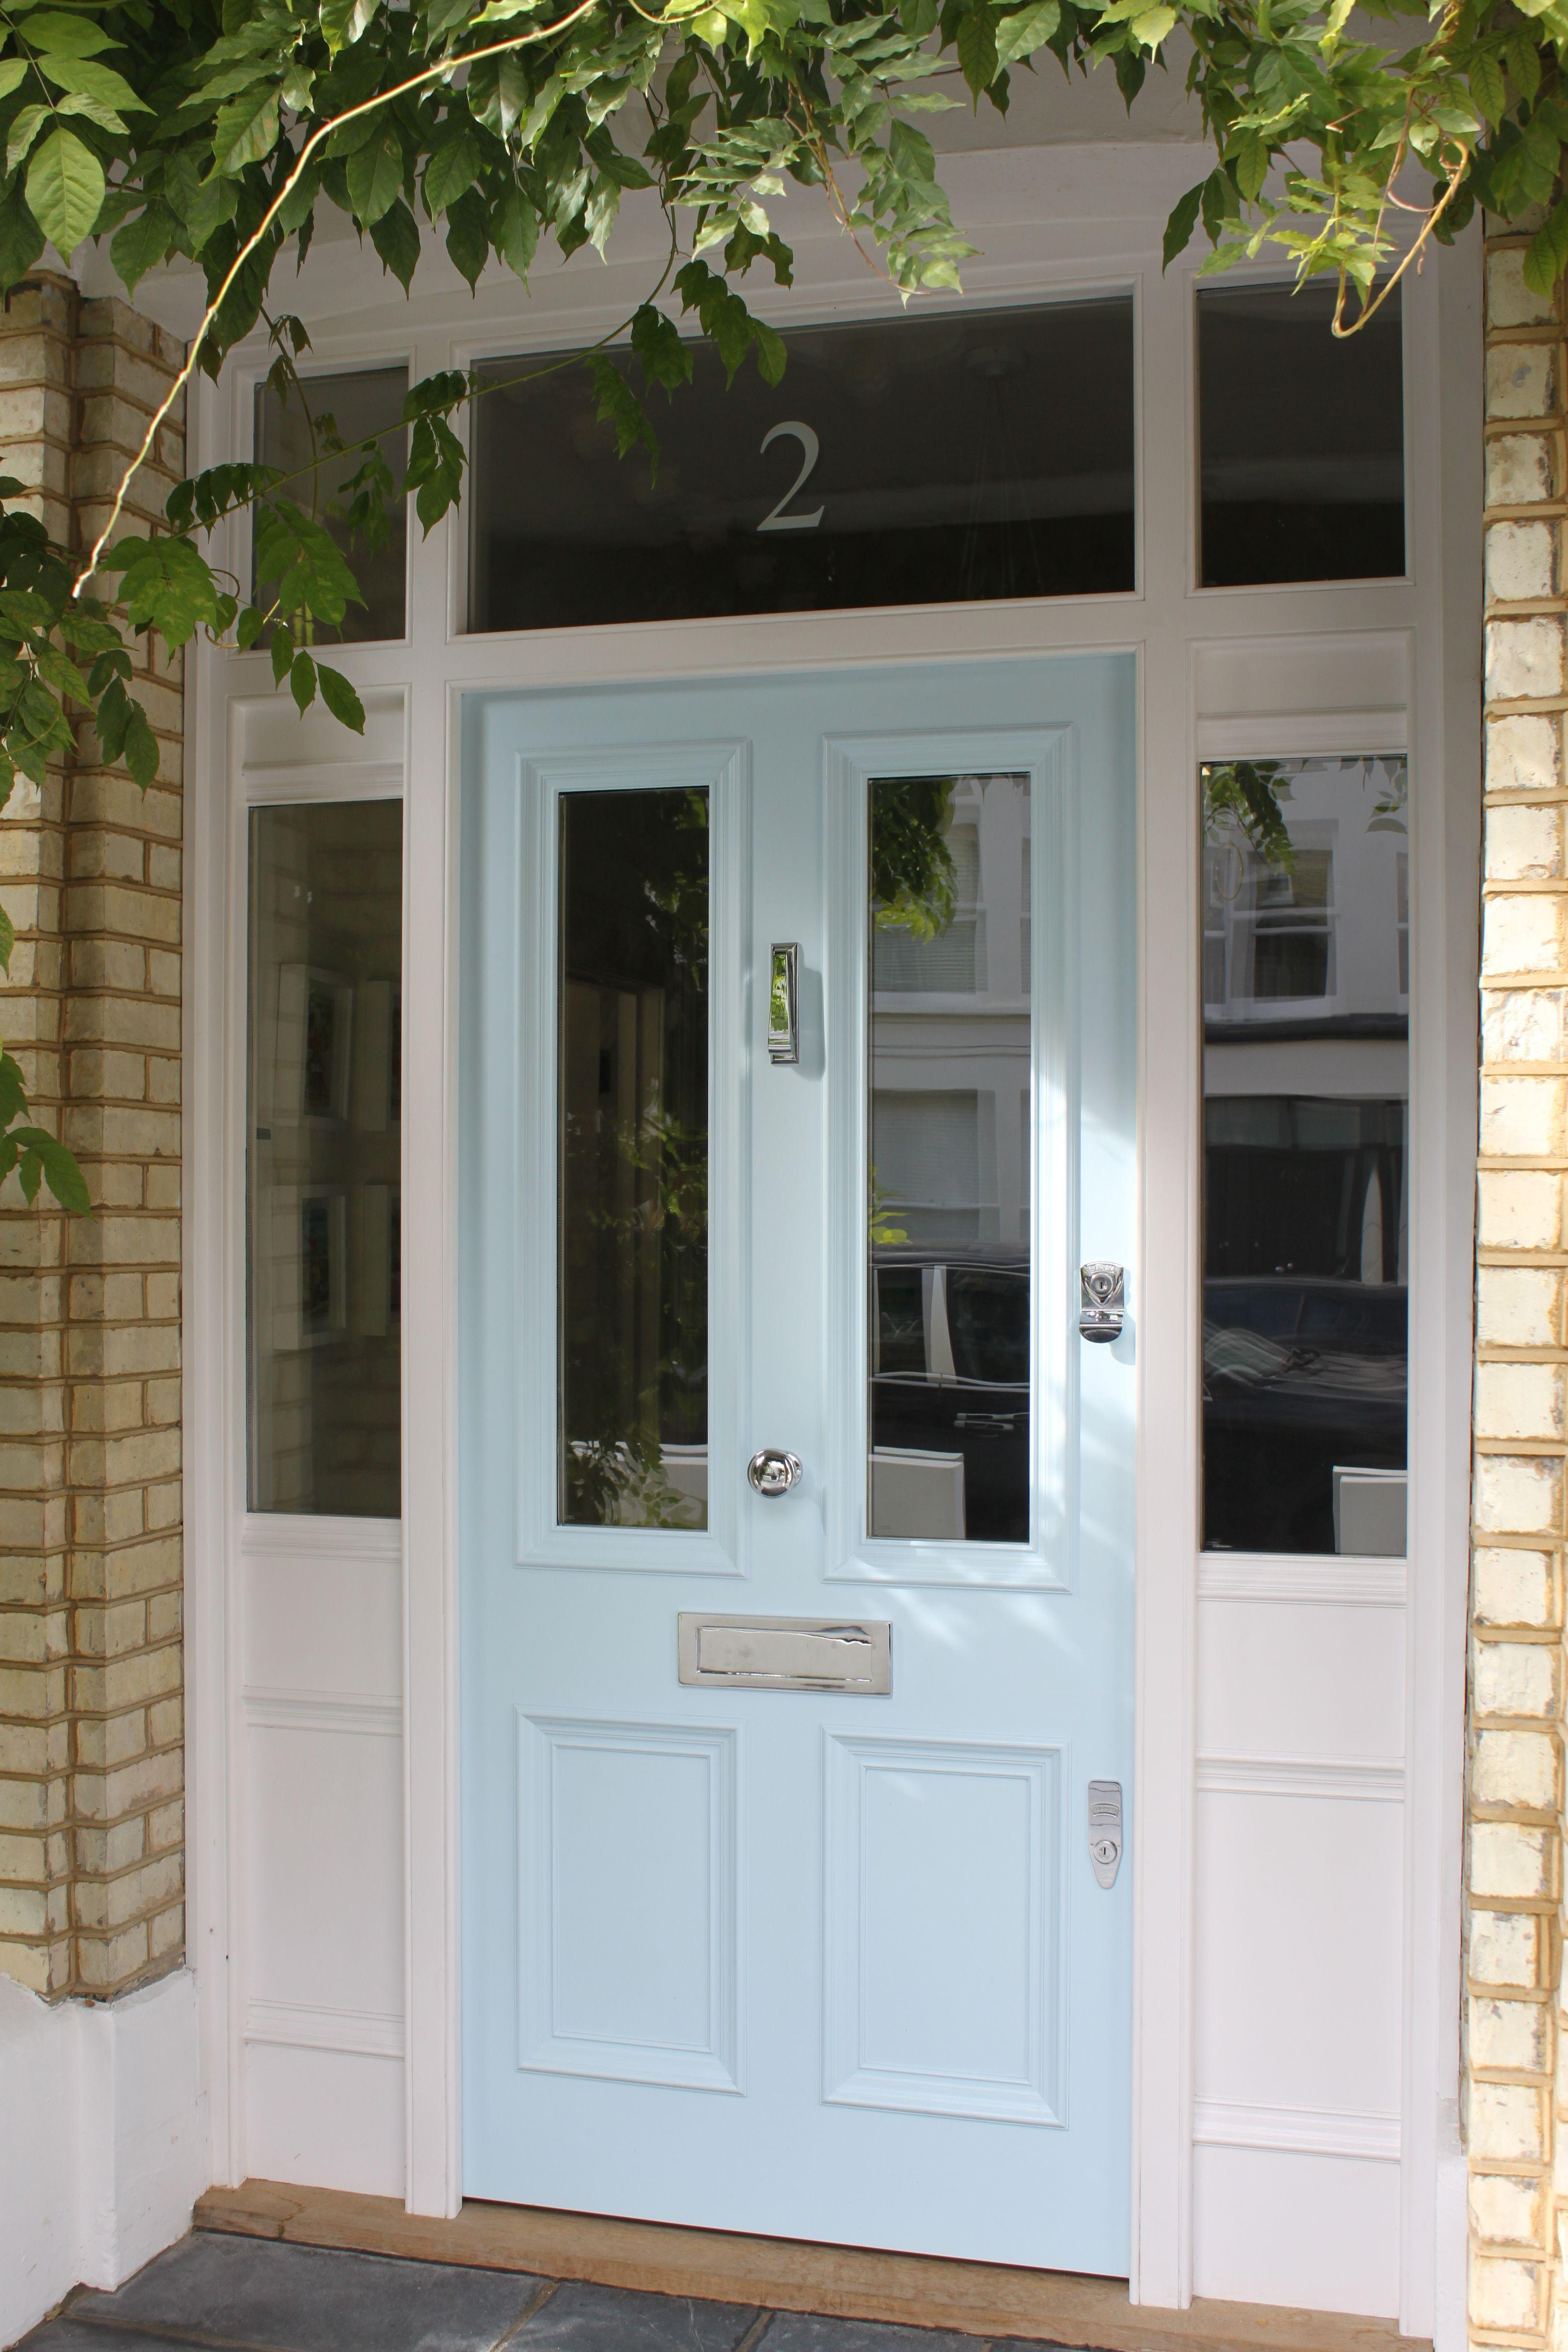 Doors appealing front door designs photos sri lanka front door a fensa registered victorian front door in south london by voysey jones rubansaba